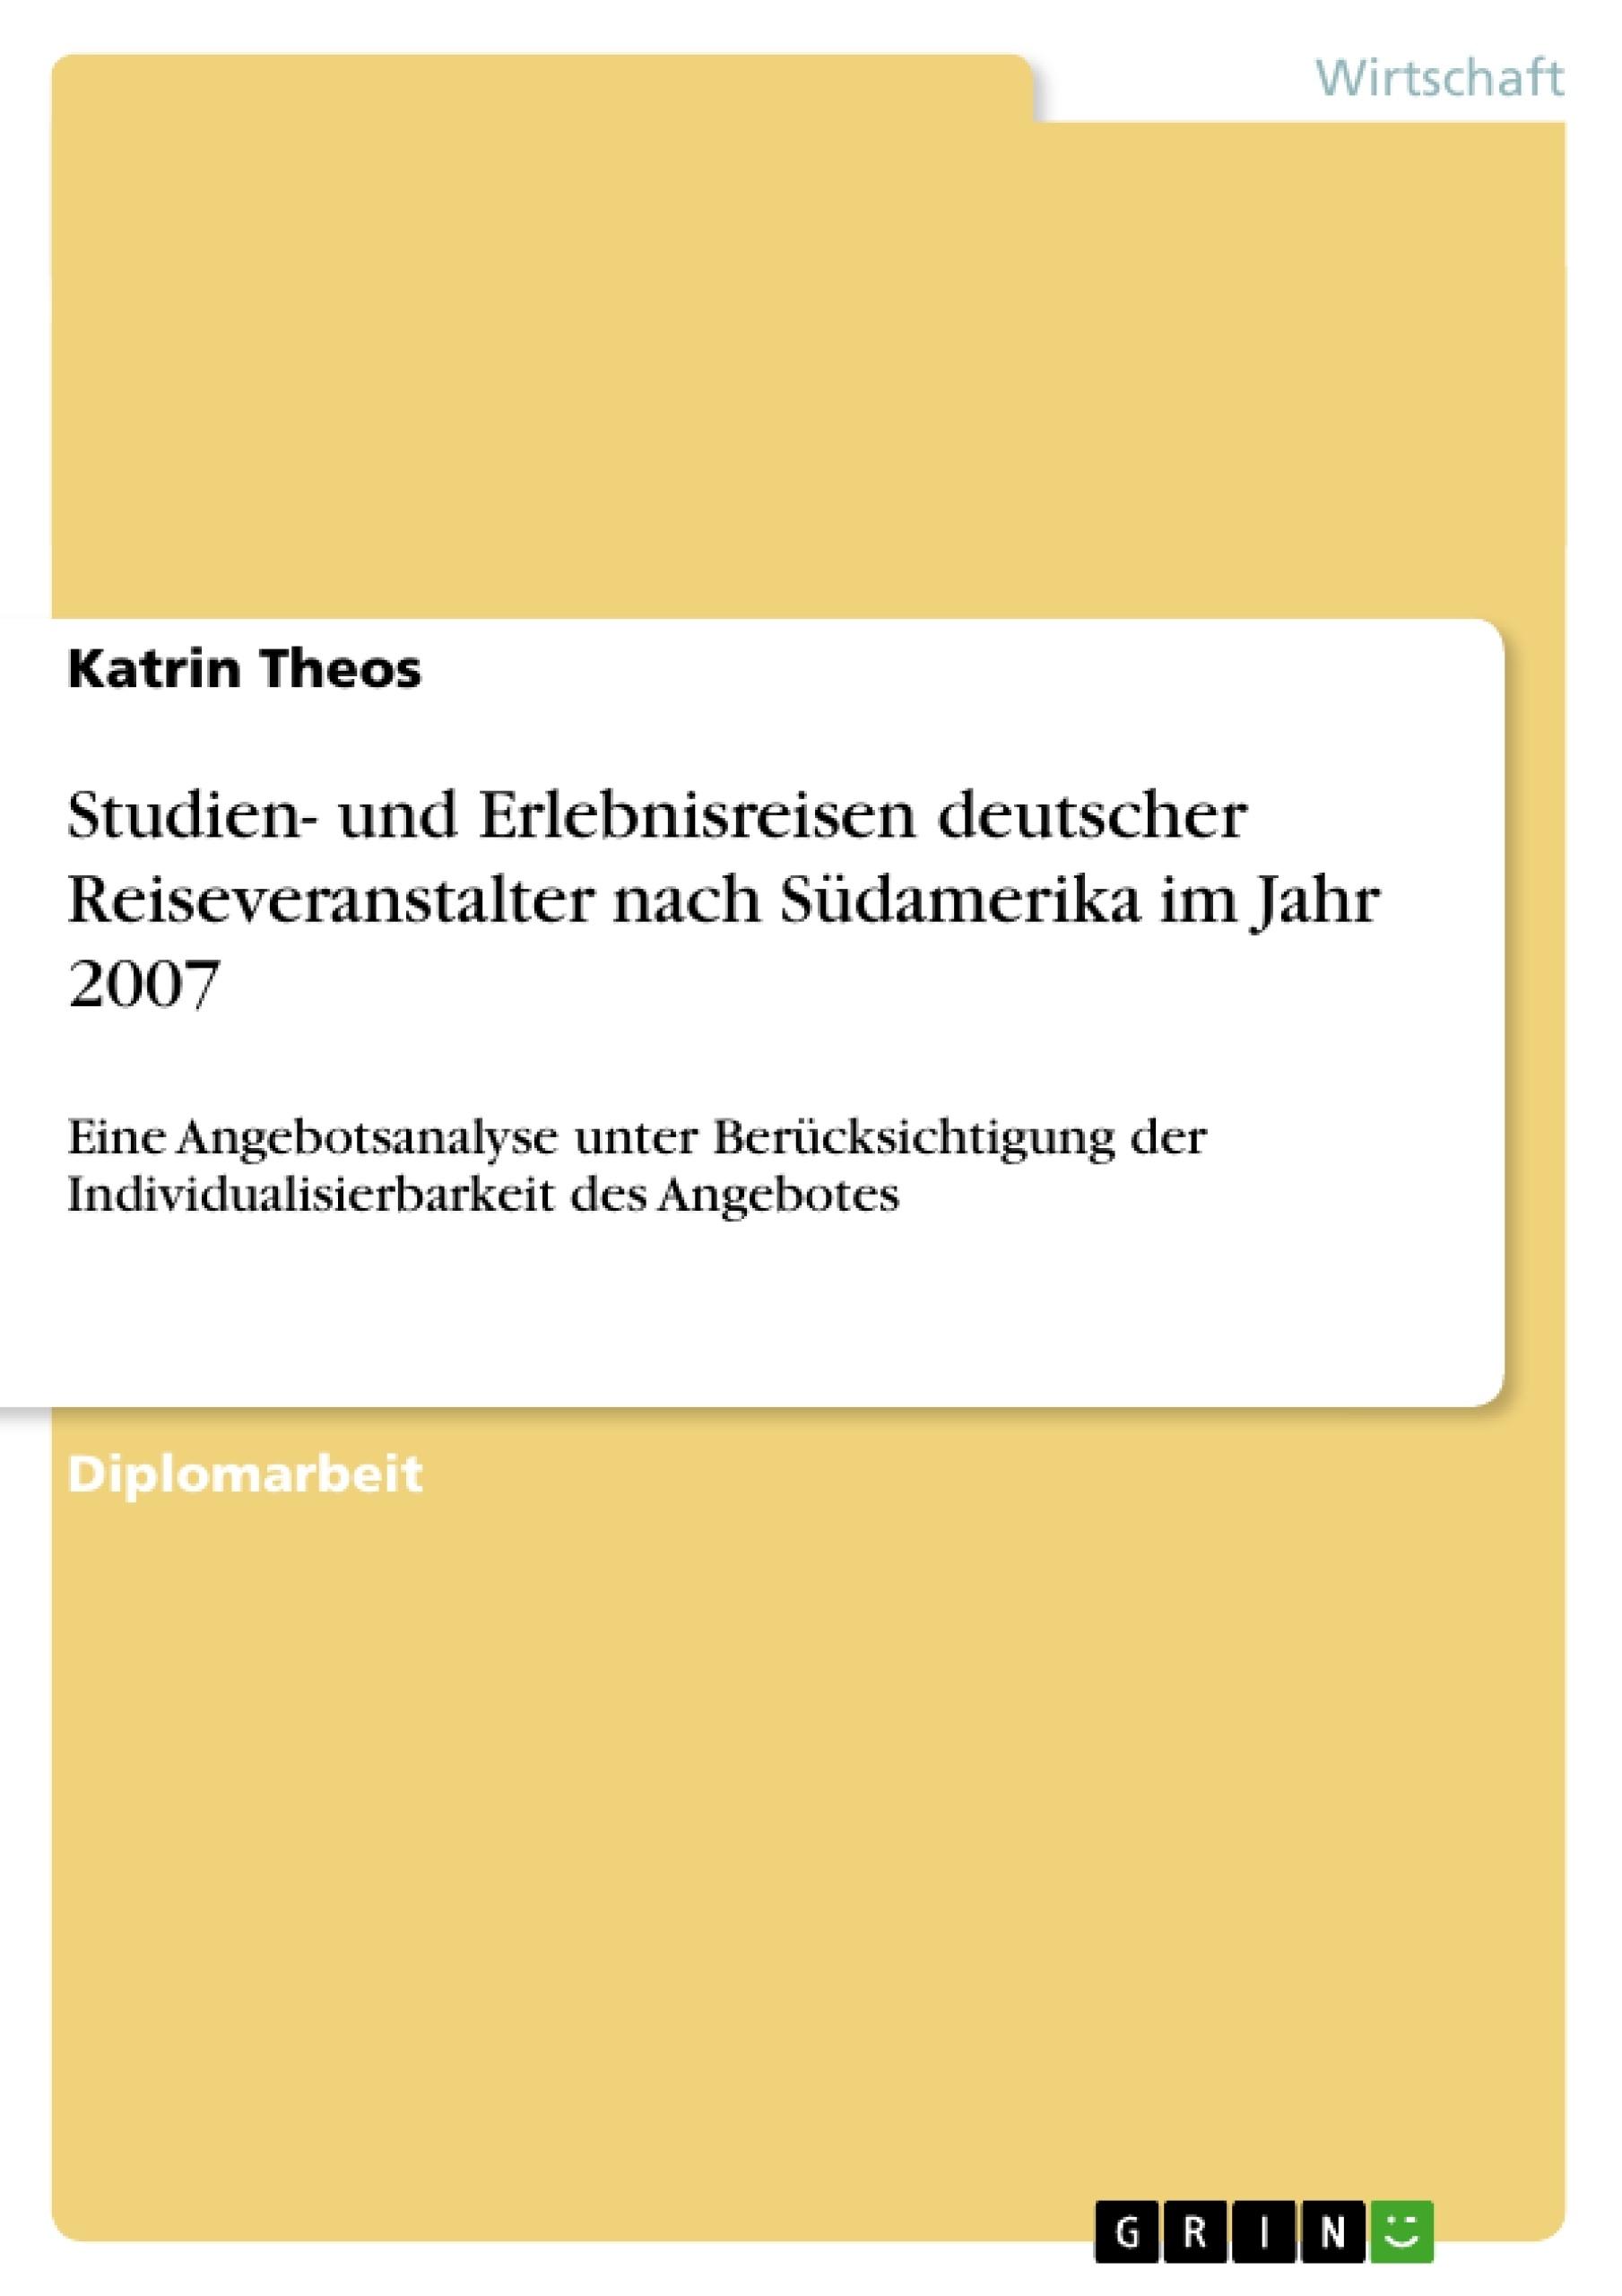 Titel: Studien- und Erlebnisreisen deutscher Reiseveranstalter nach Südamerika im Jahr 2007